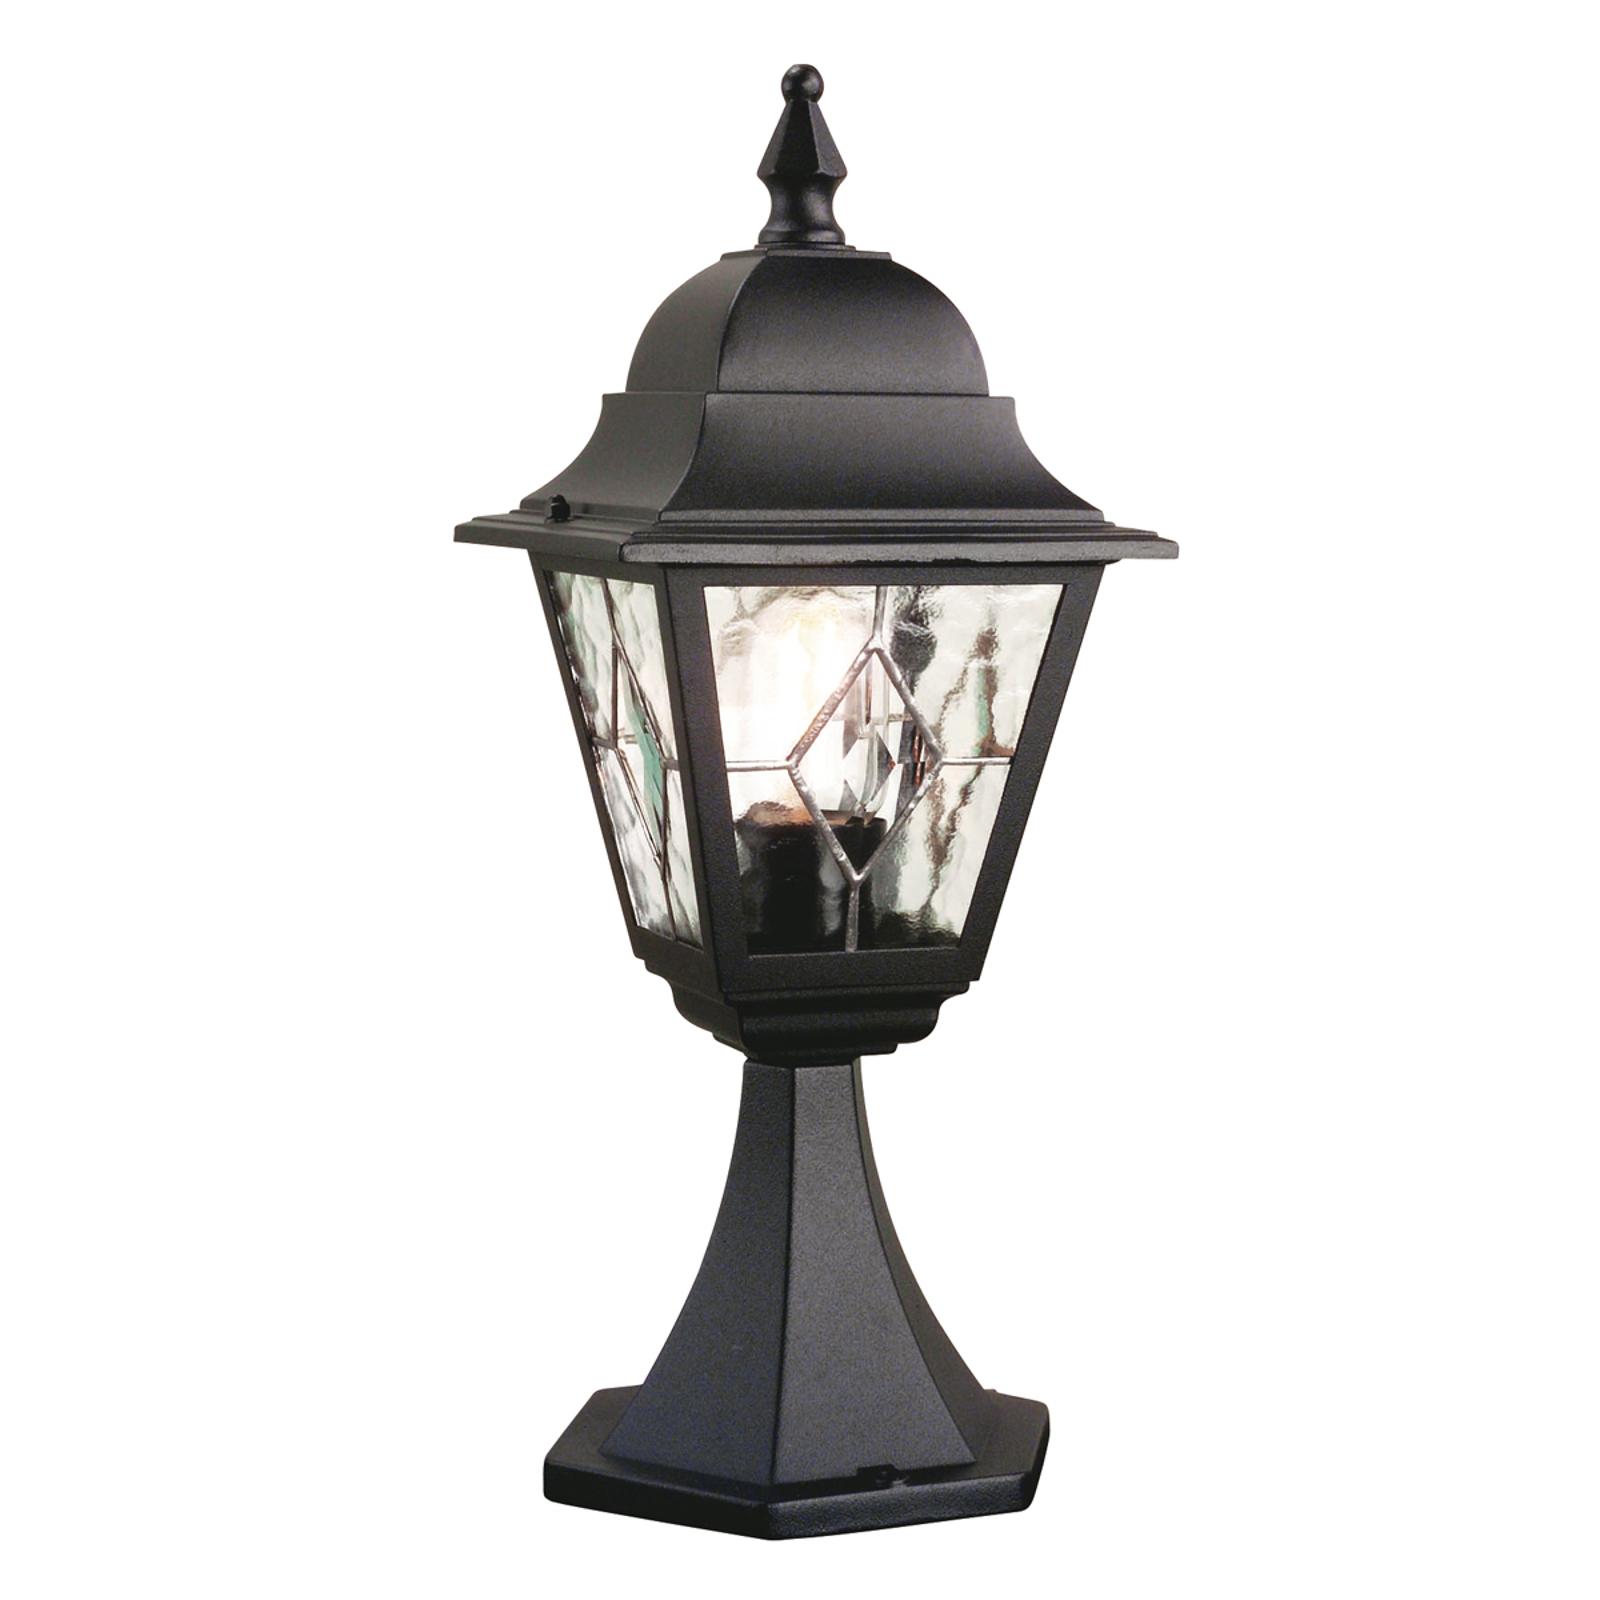 Sokkellamp Norfolk, glas-in-lood